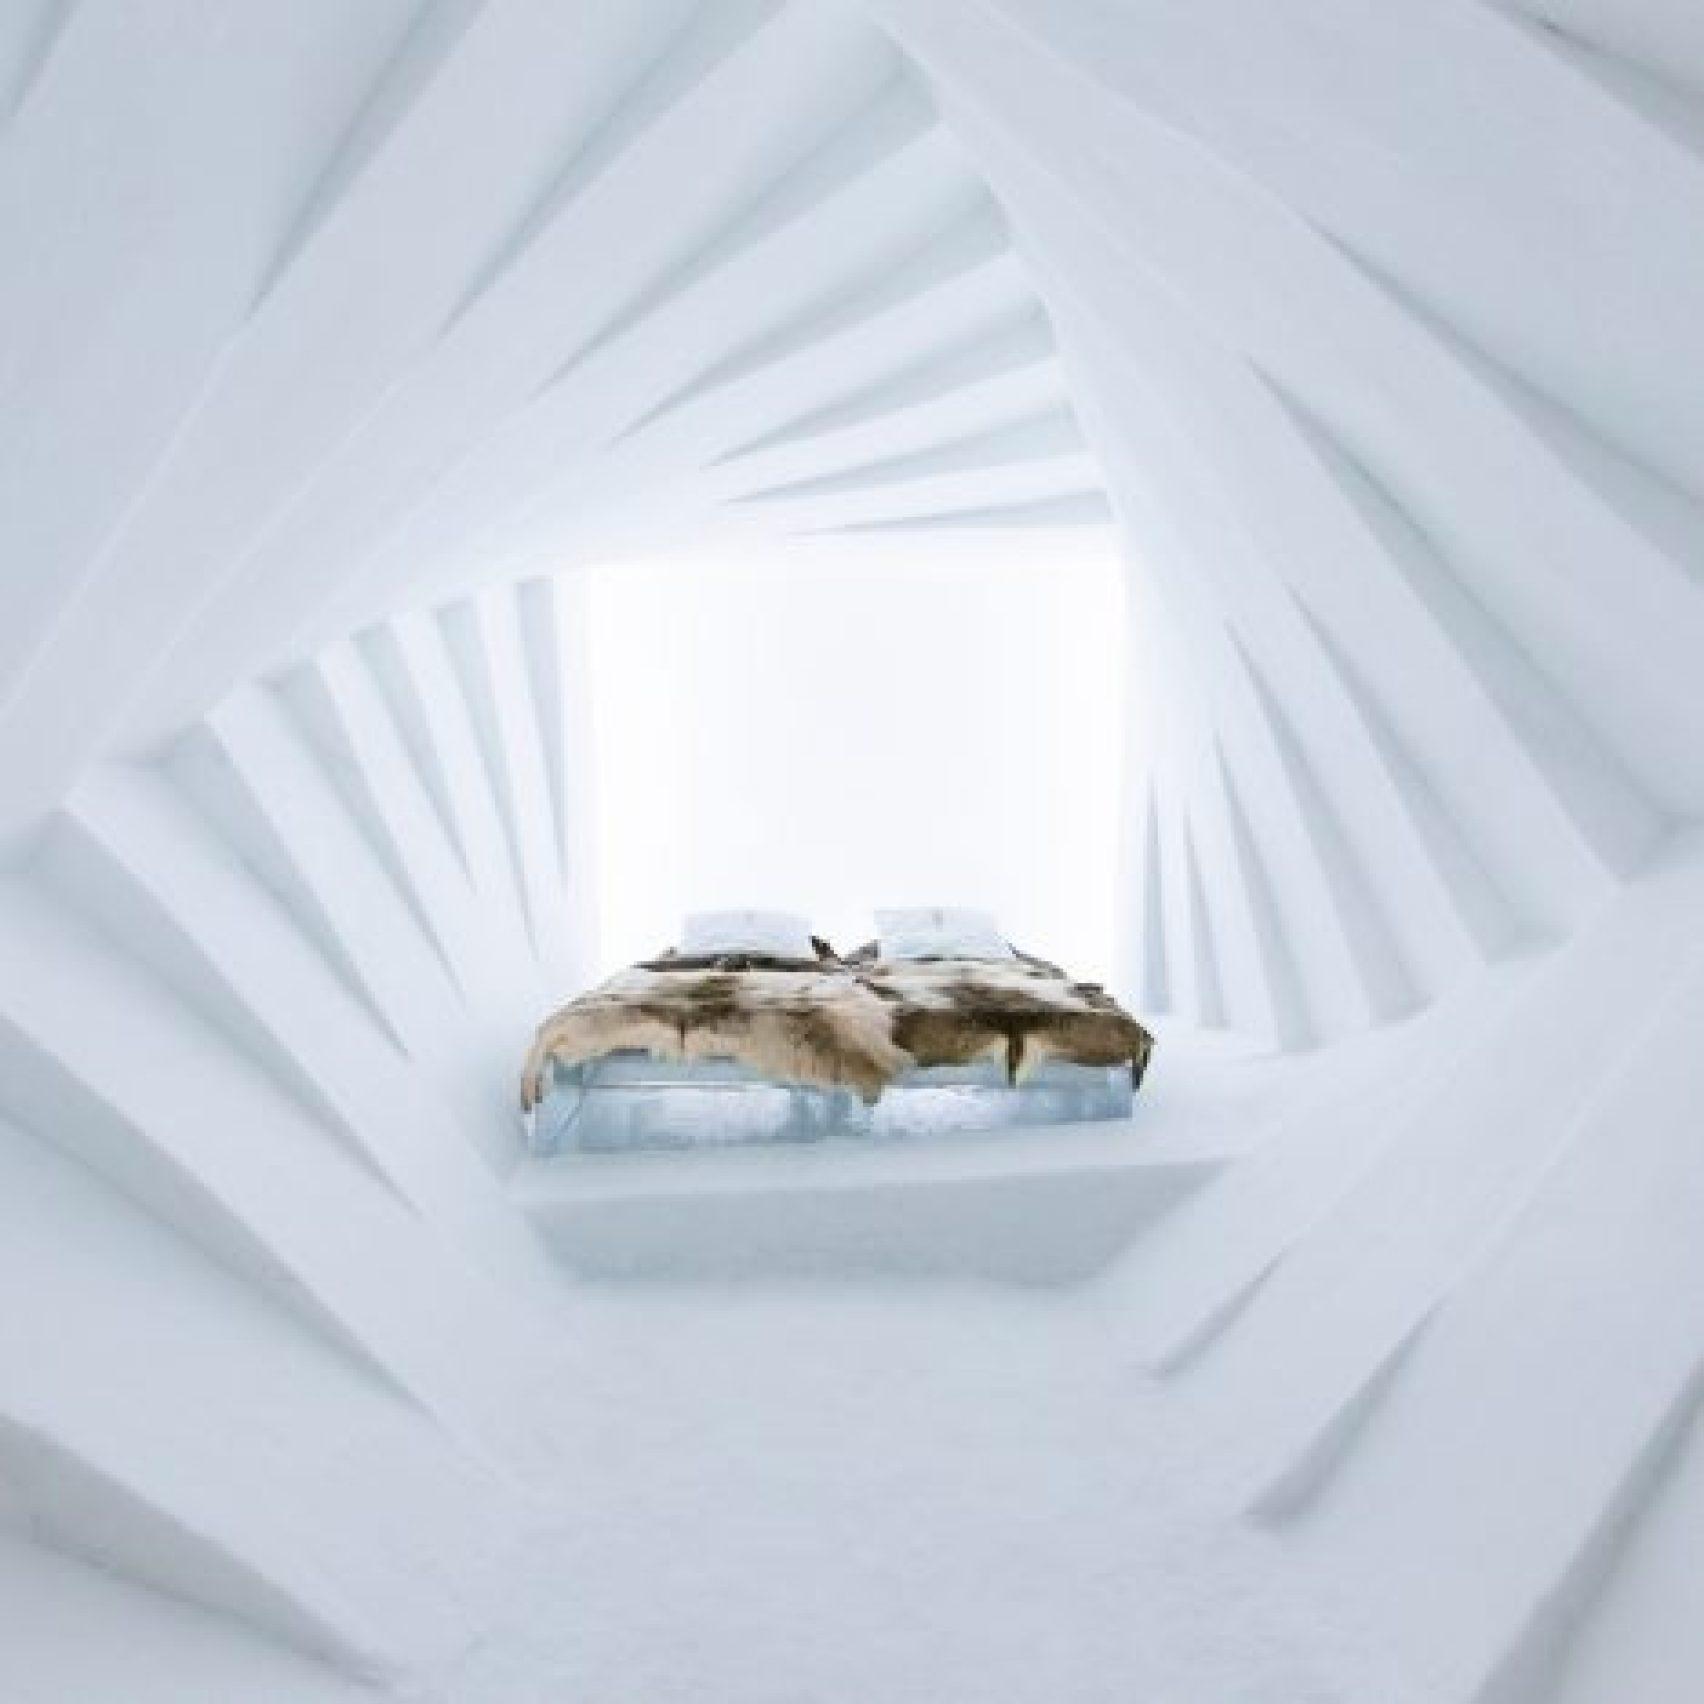 hotel-interior-ice-hotel-dezeen-pinterest-sq